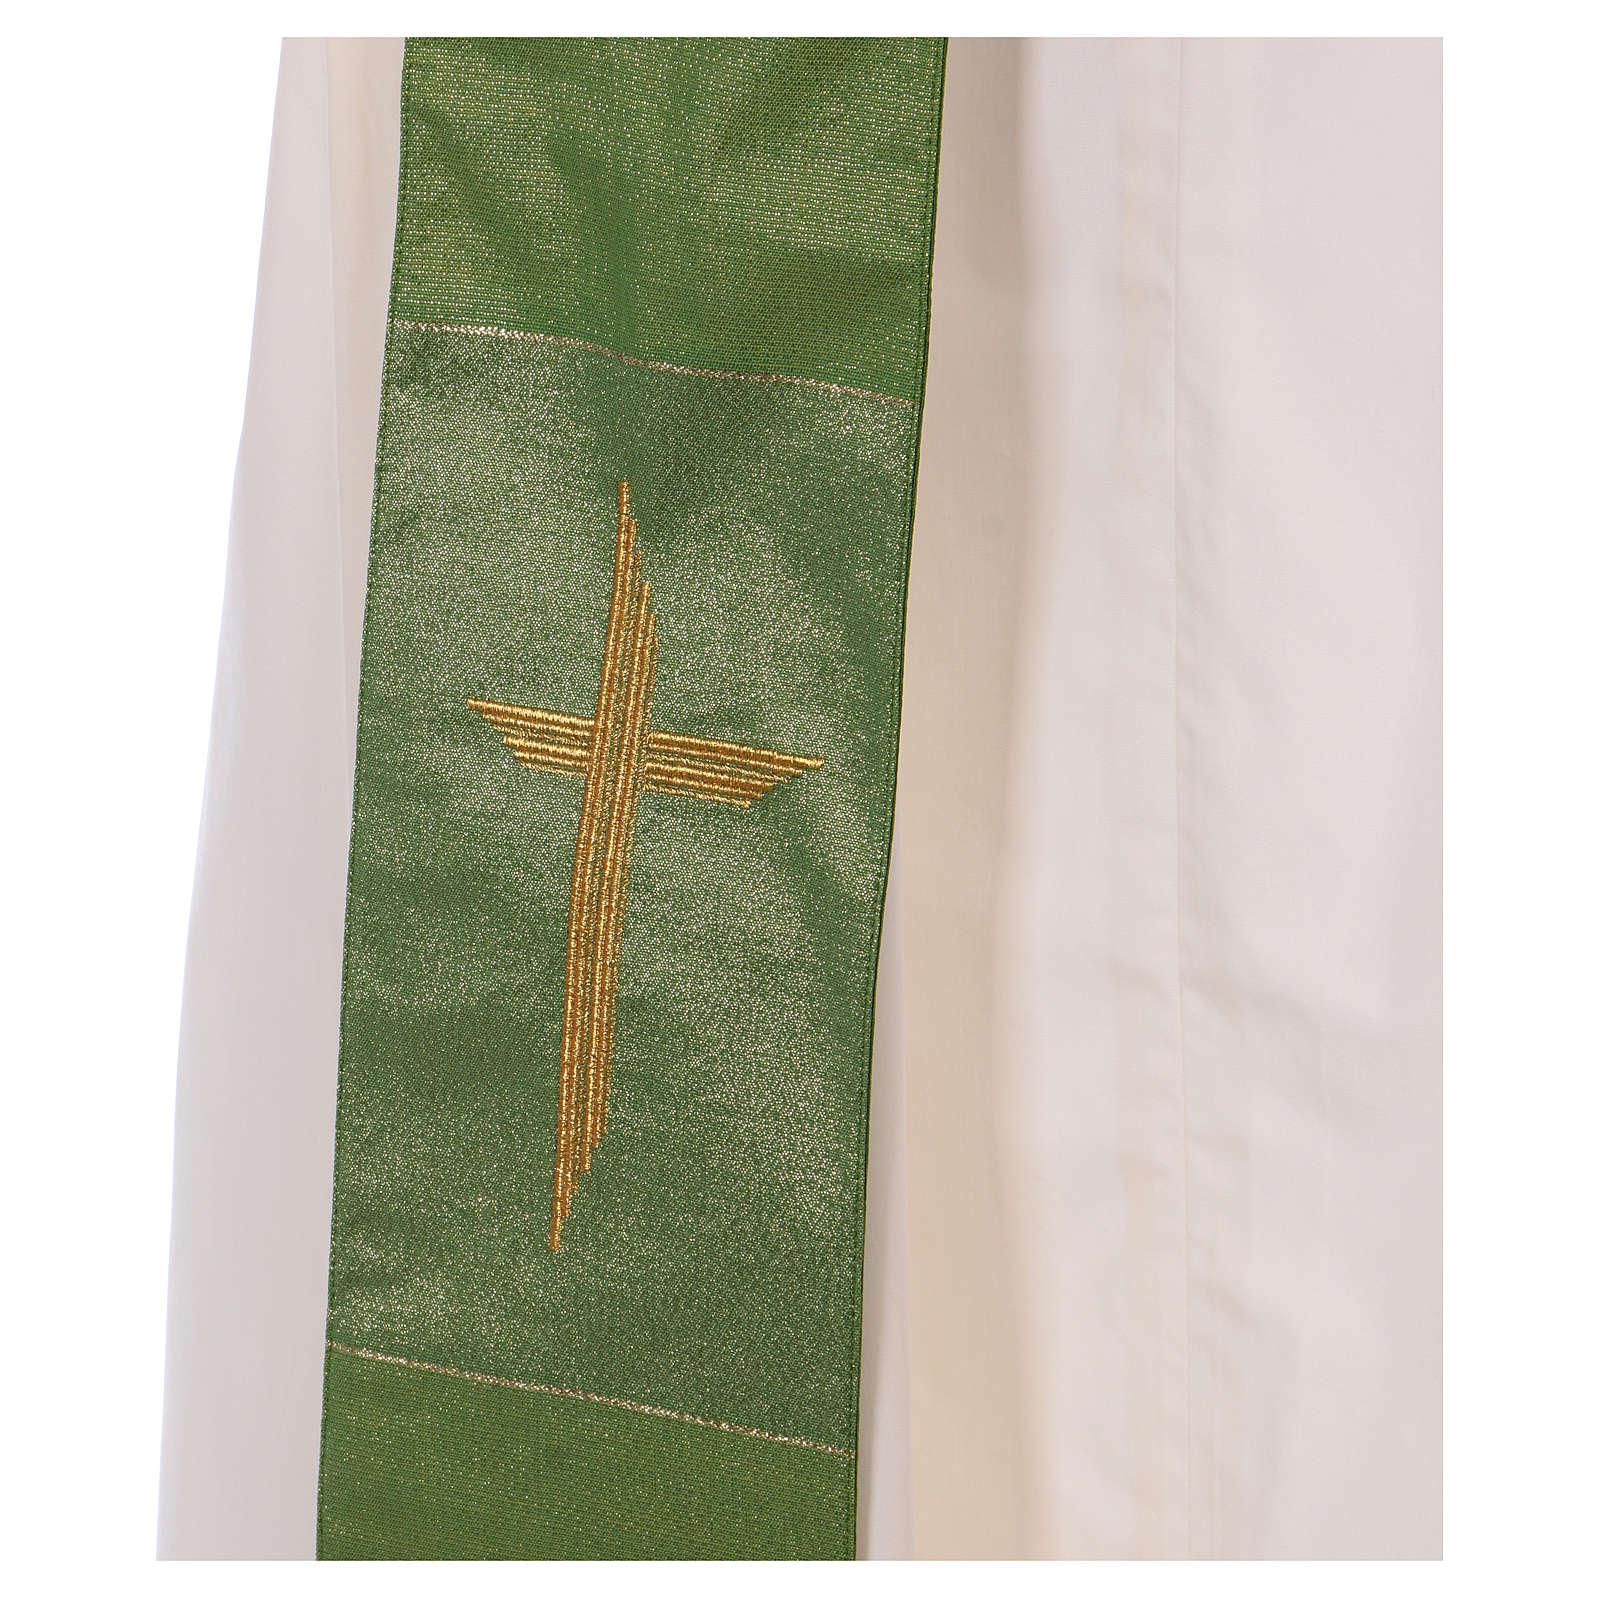 Estola diaconal 85% lana 15% lurex cruz dorada 4